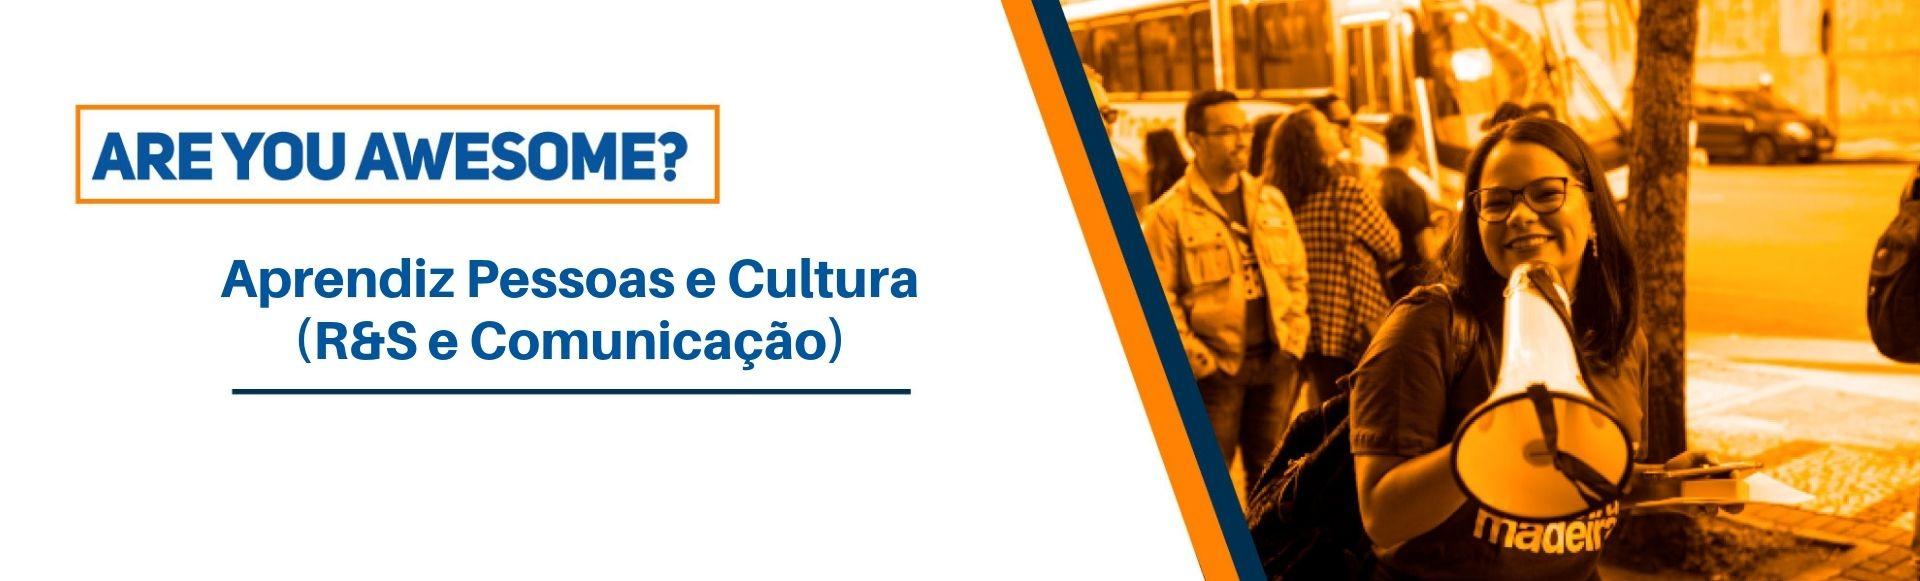 Aprendiz Pessoas e Cultura (R&S e Comunicação)